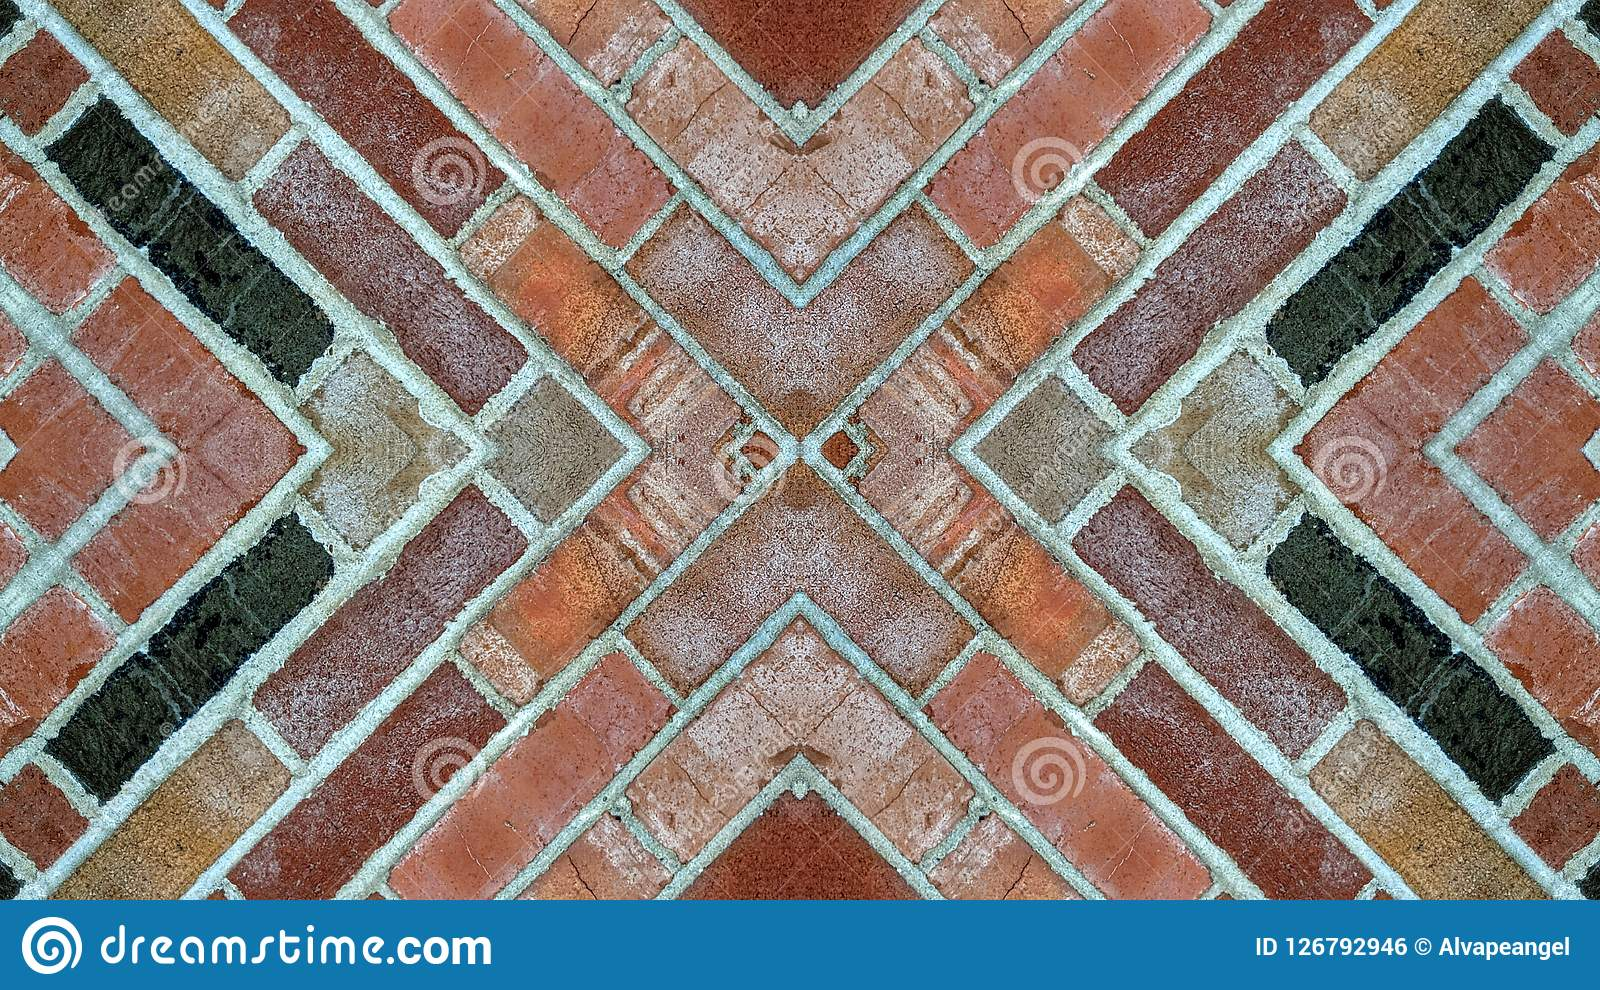 Effet De Miroir Sur Un Mur De Briques Photo Stock Image Du